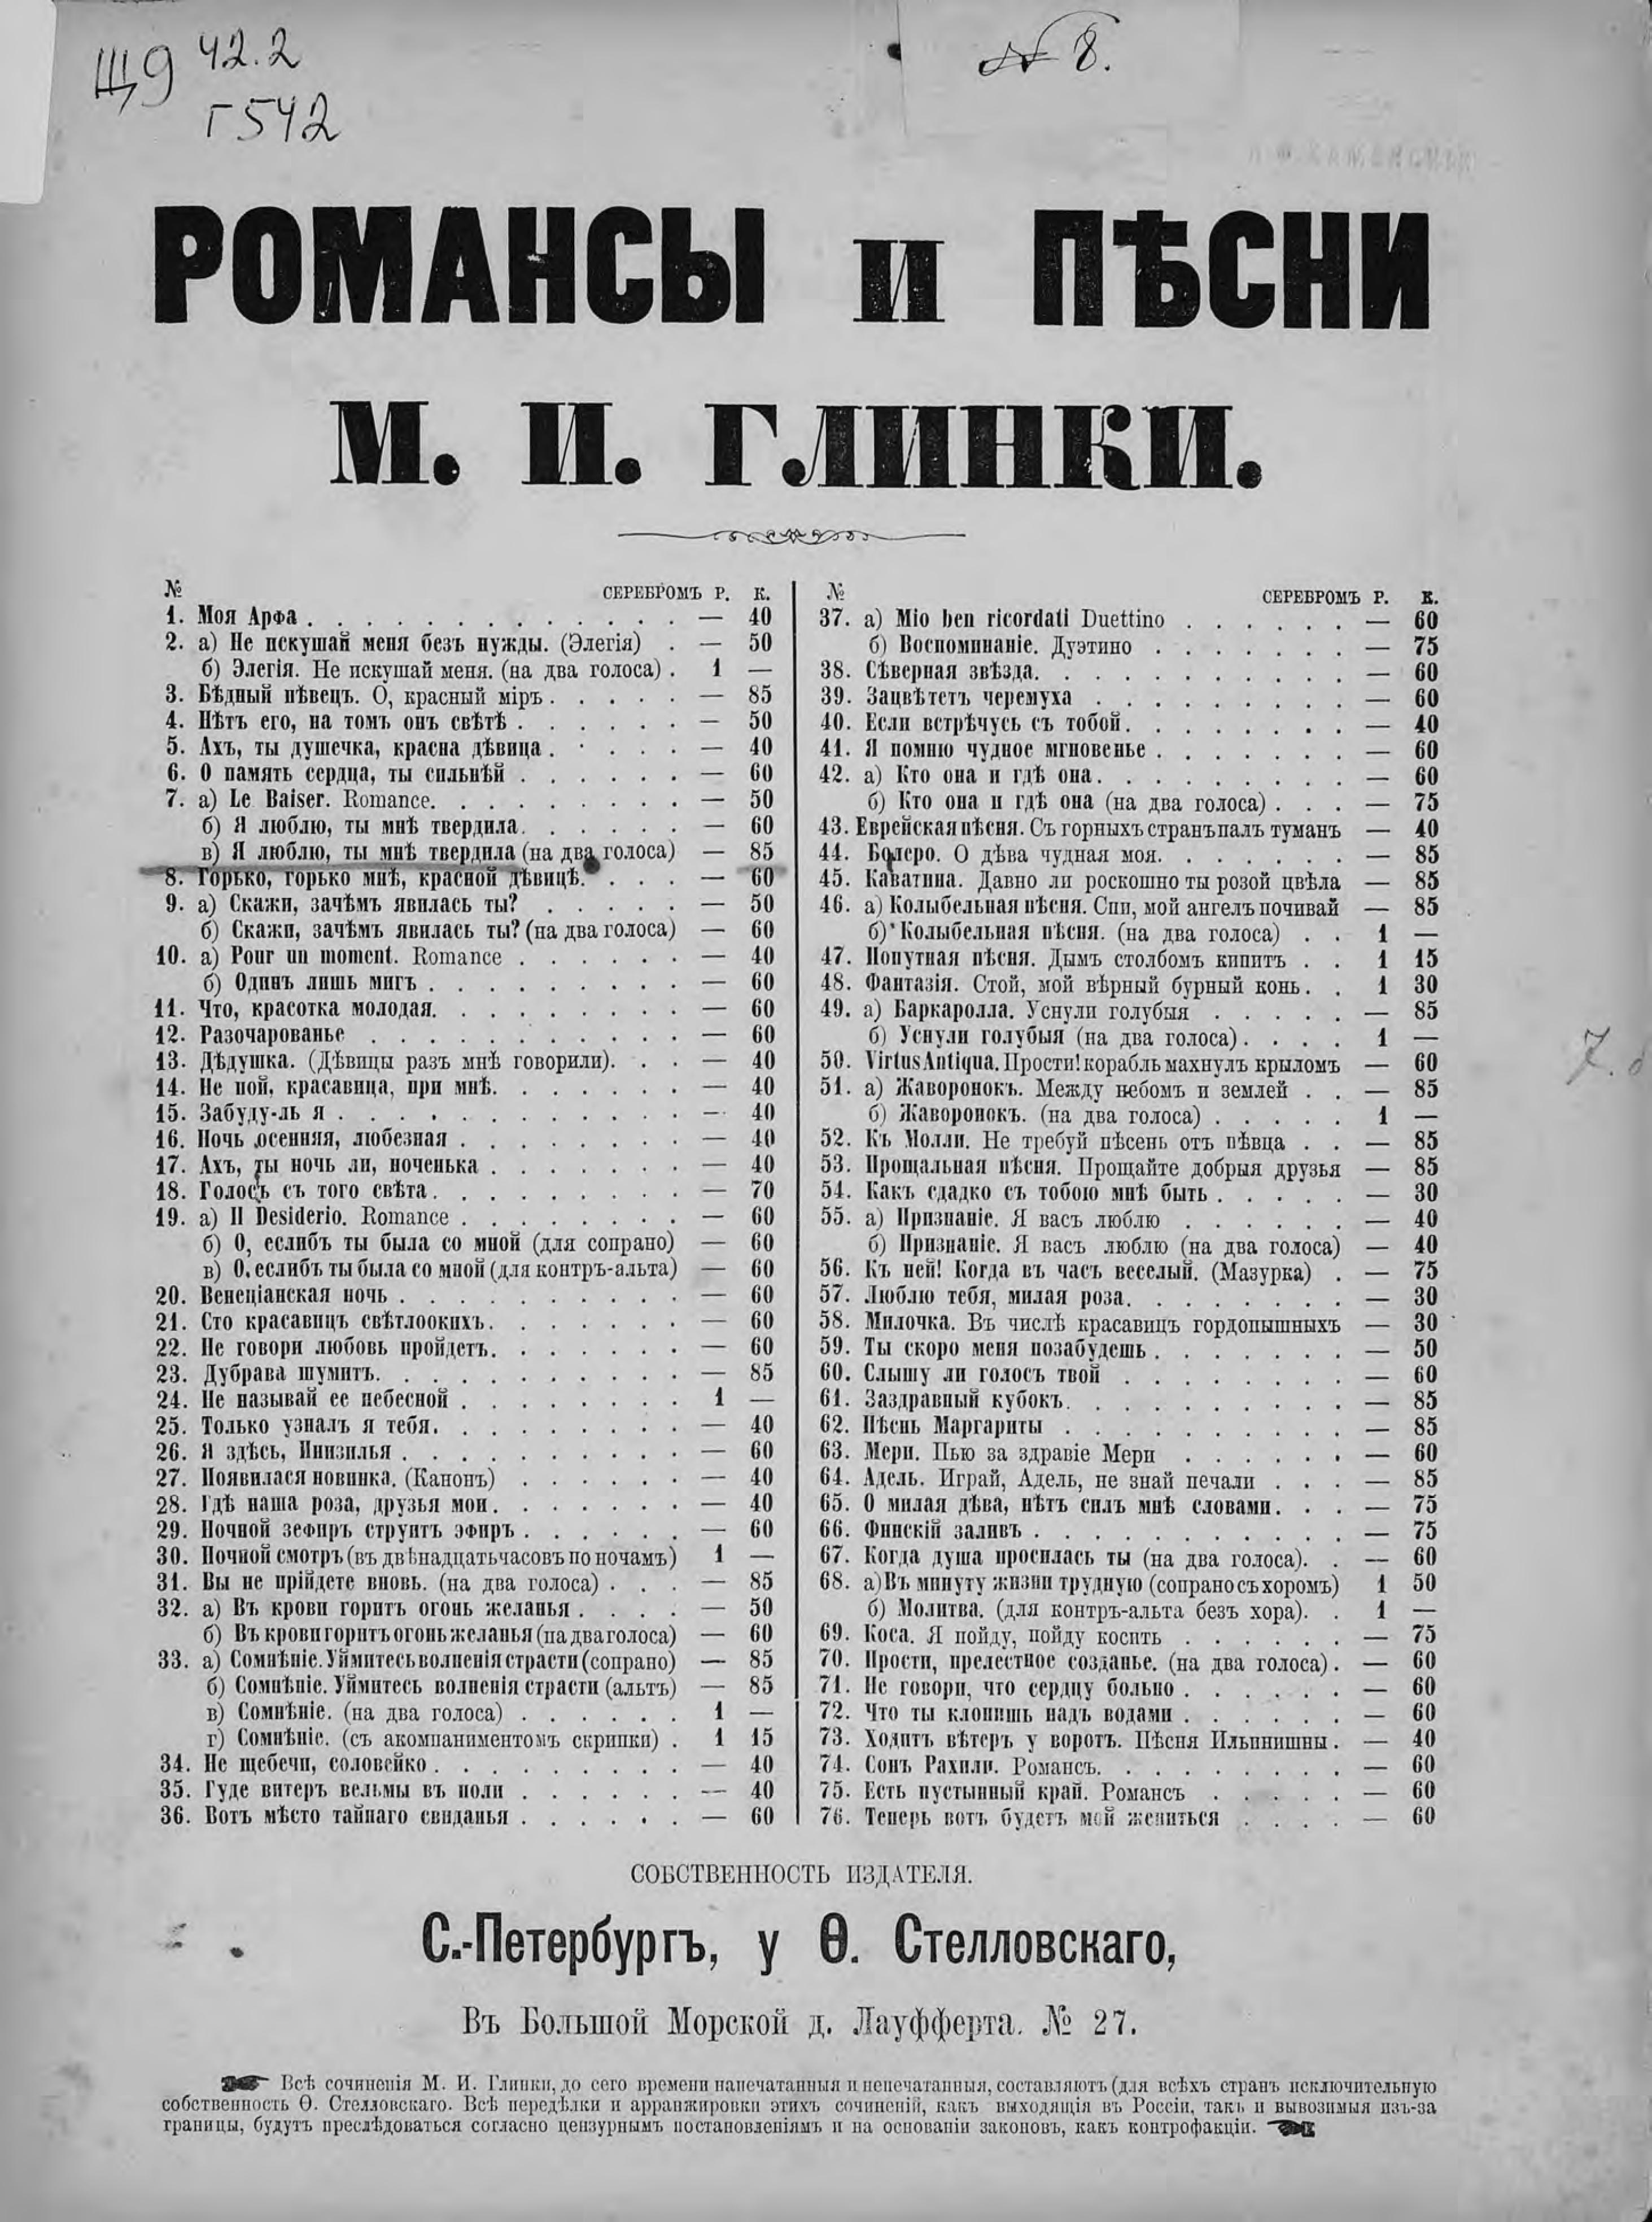 Михаил Иванович Глинка Я люблю, ты мне твердила михаил иванович глинка rousslan et ludmila